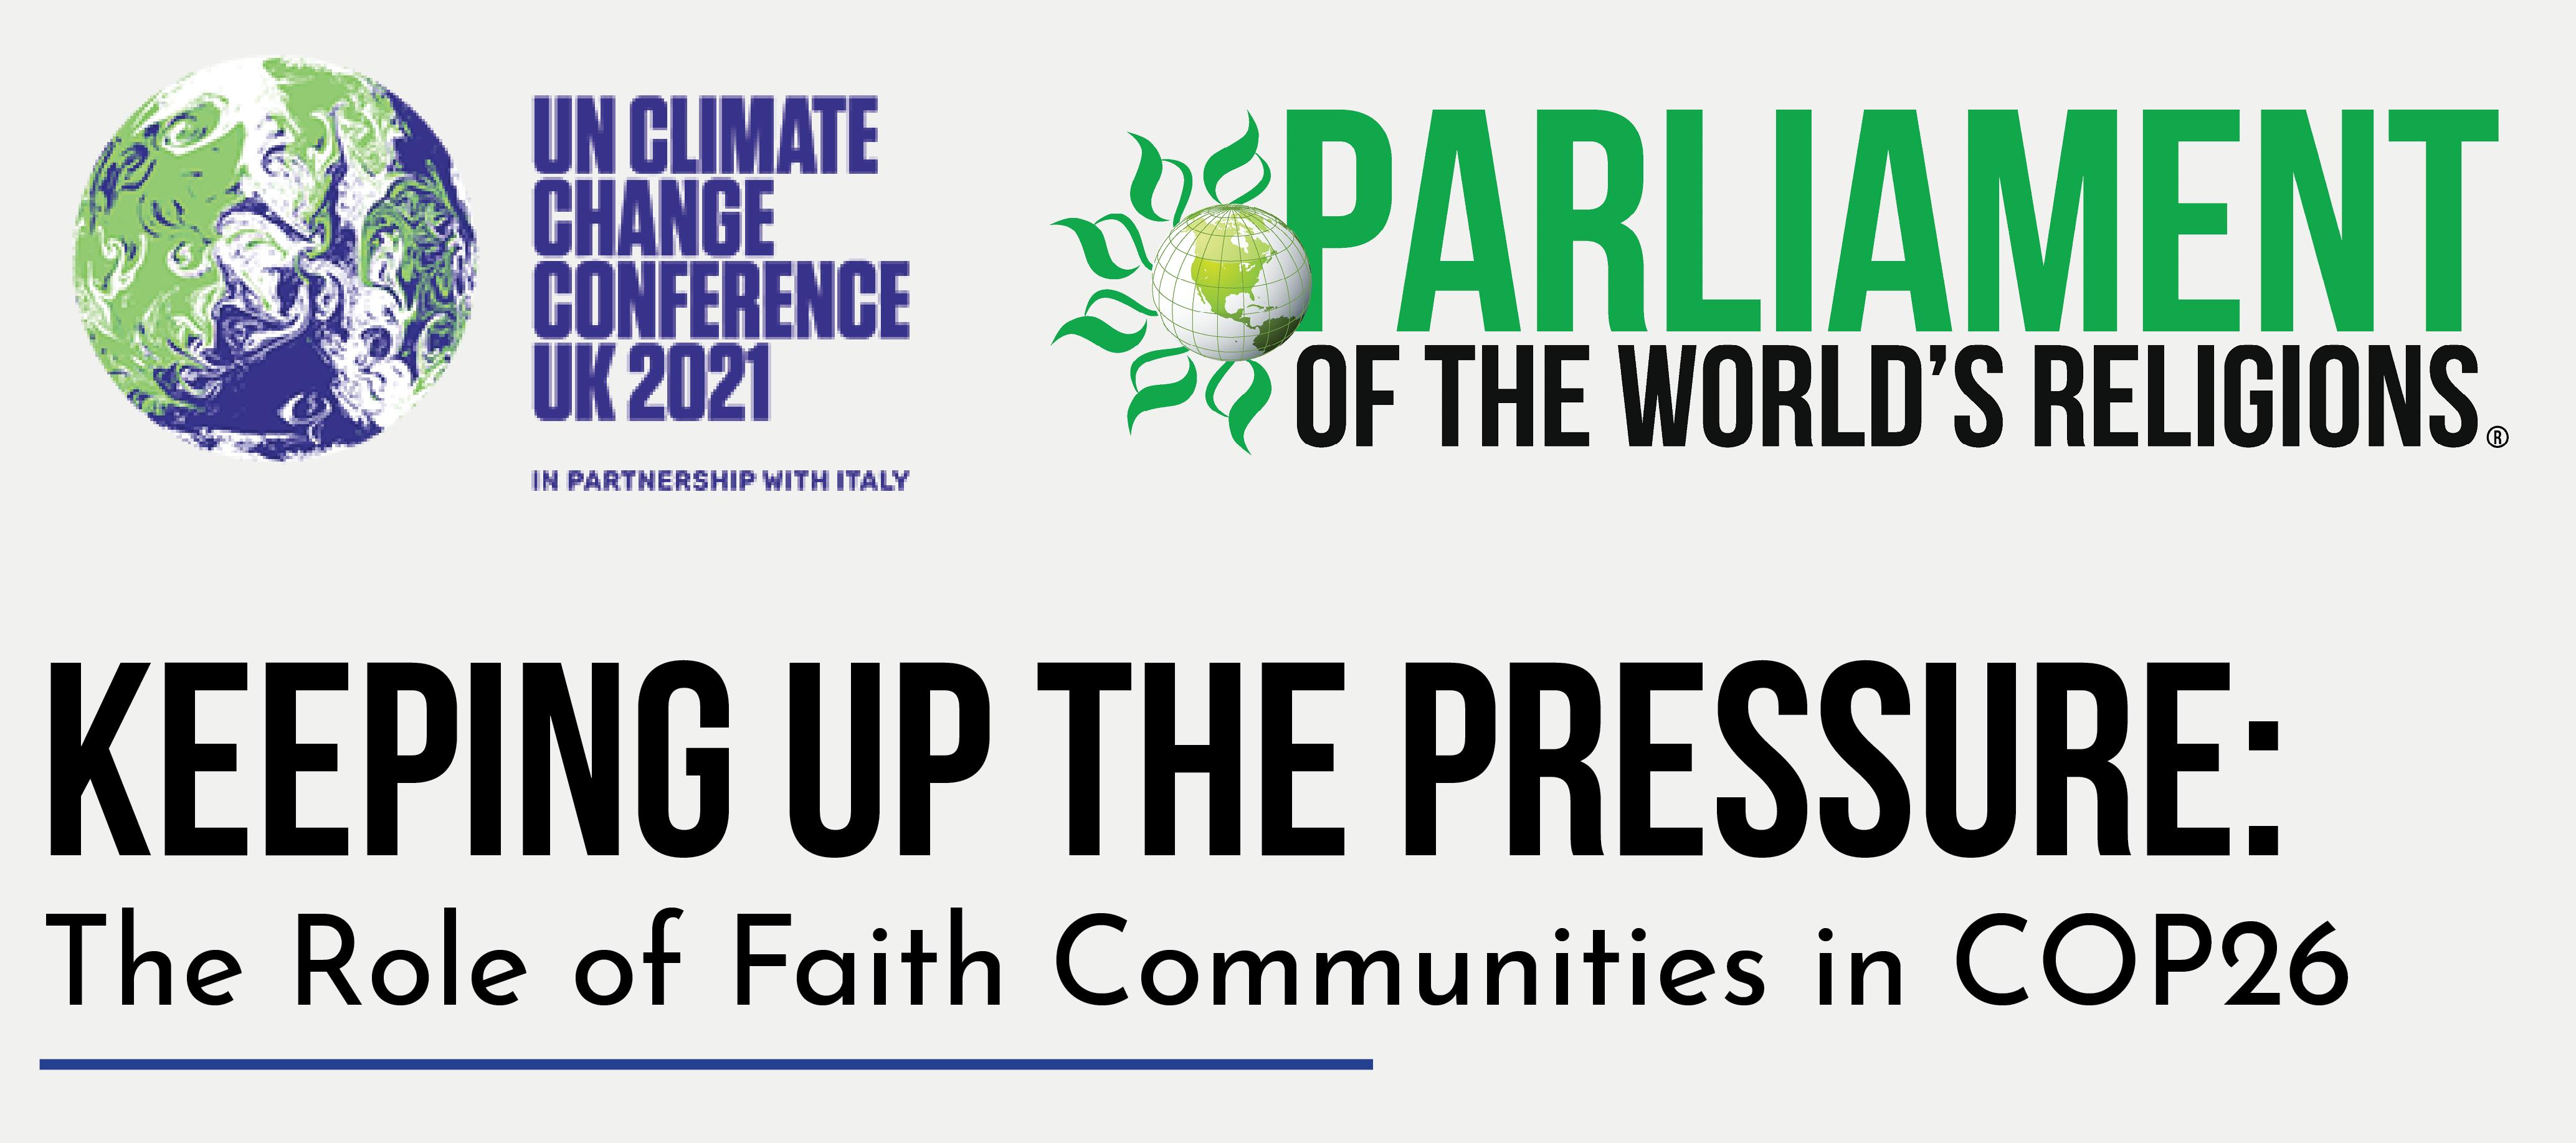 Faith communities in COP26